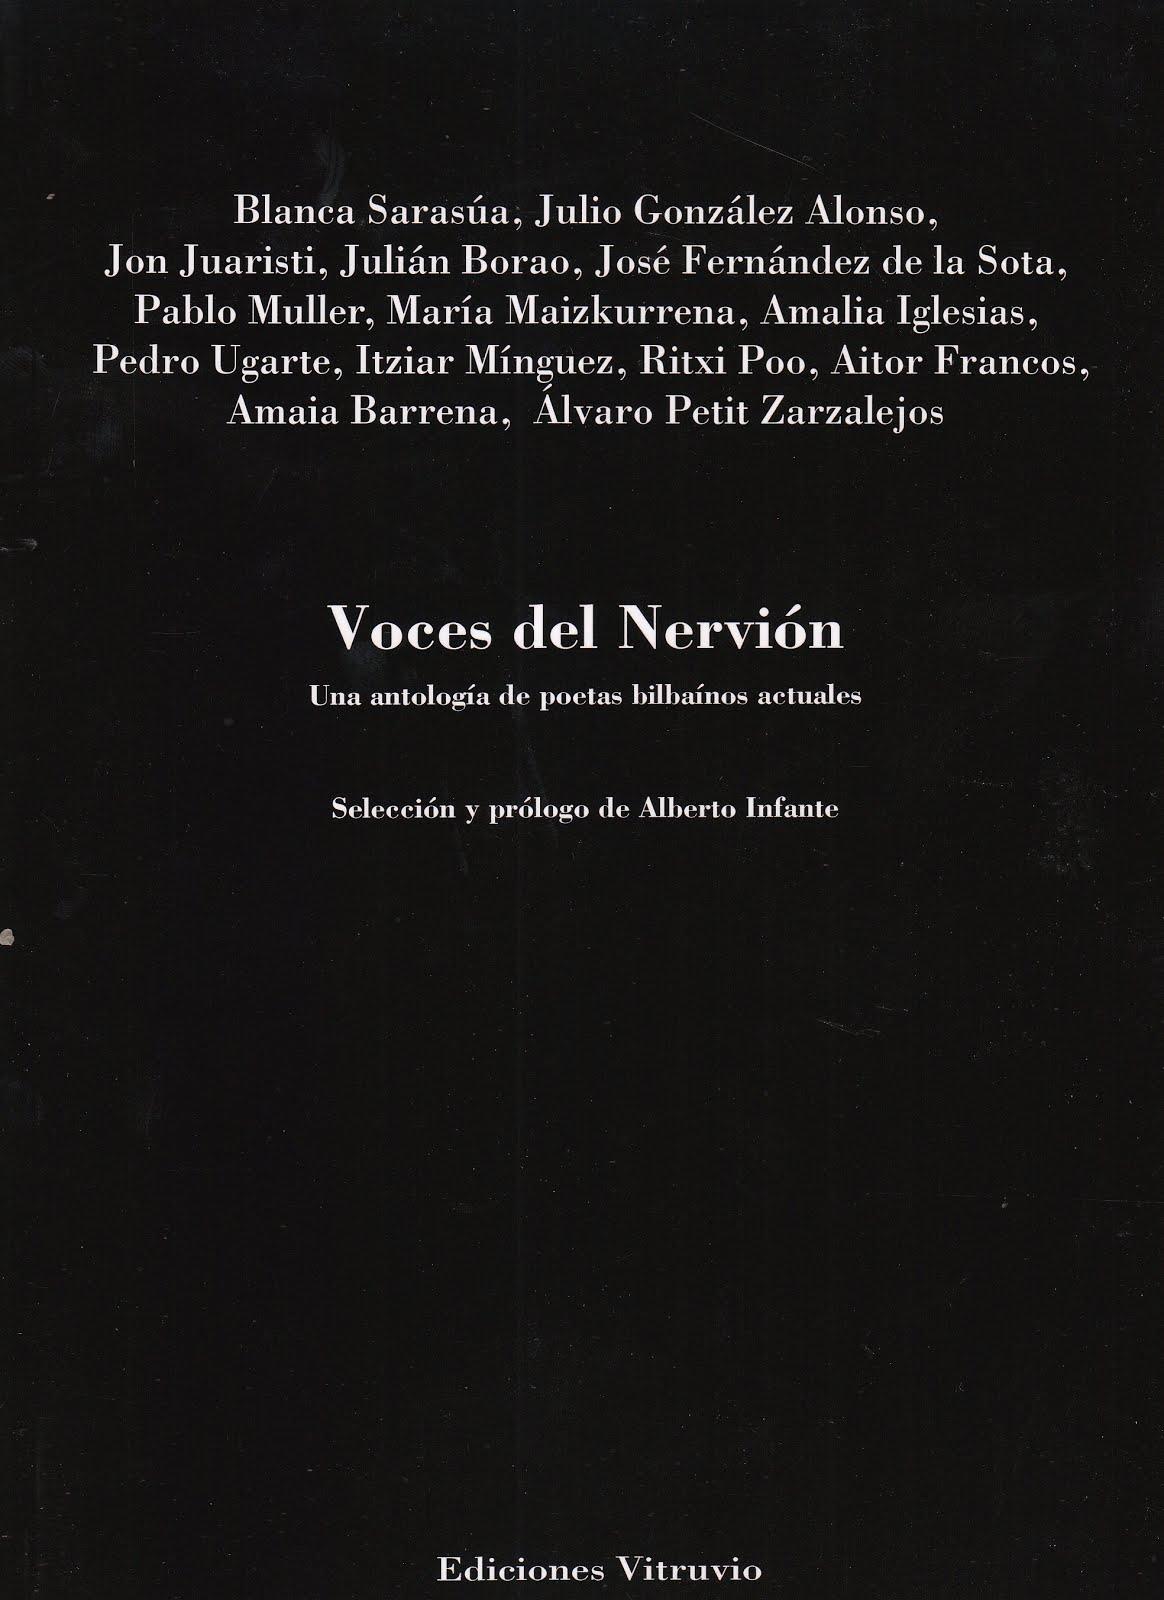 Voces del Nervión